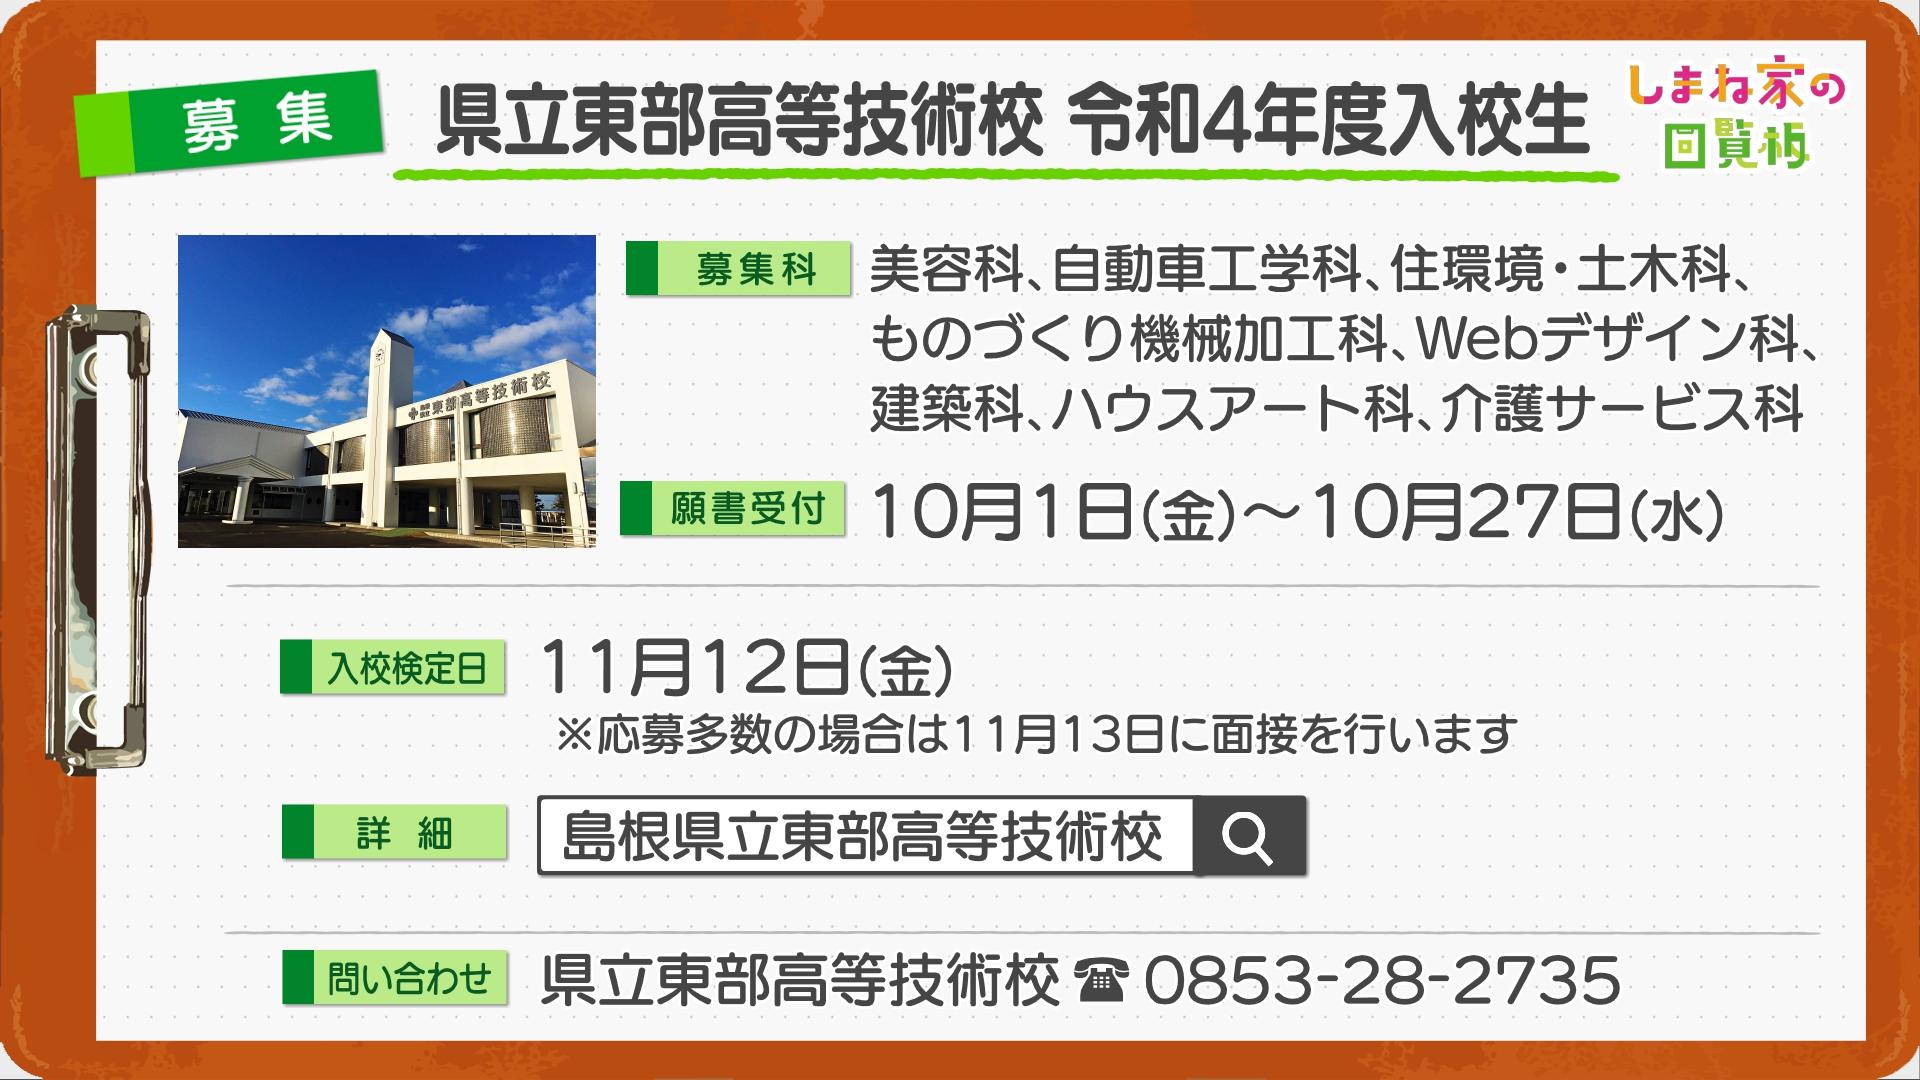 島根県立東部高等技術校 令和4年度入校生募集